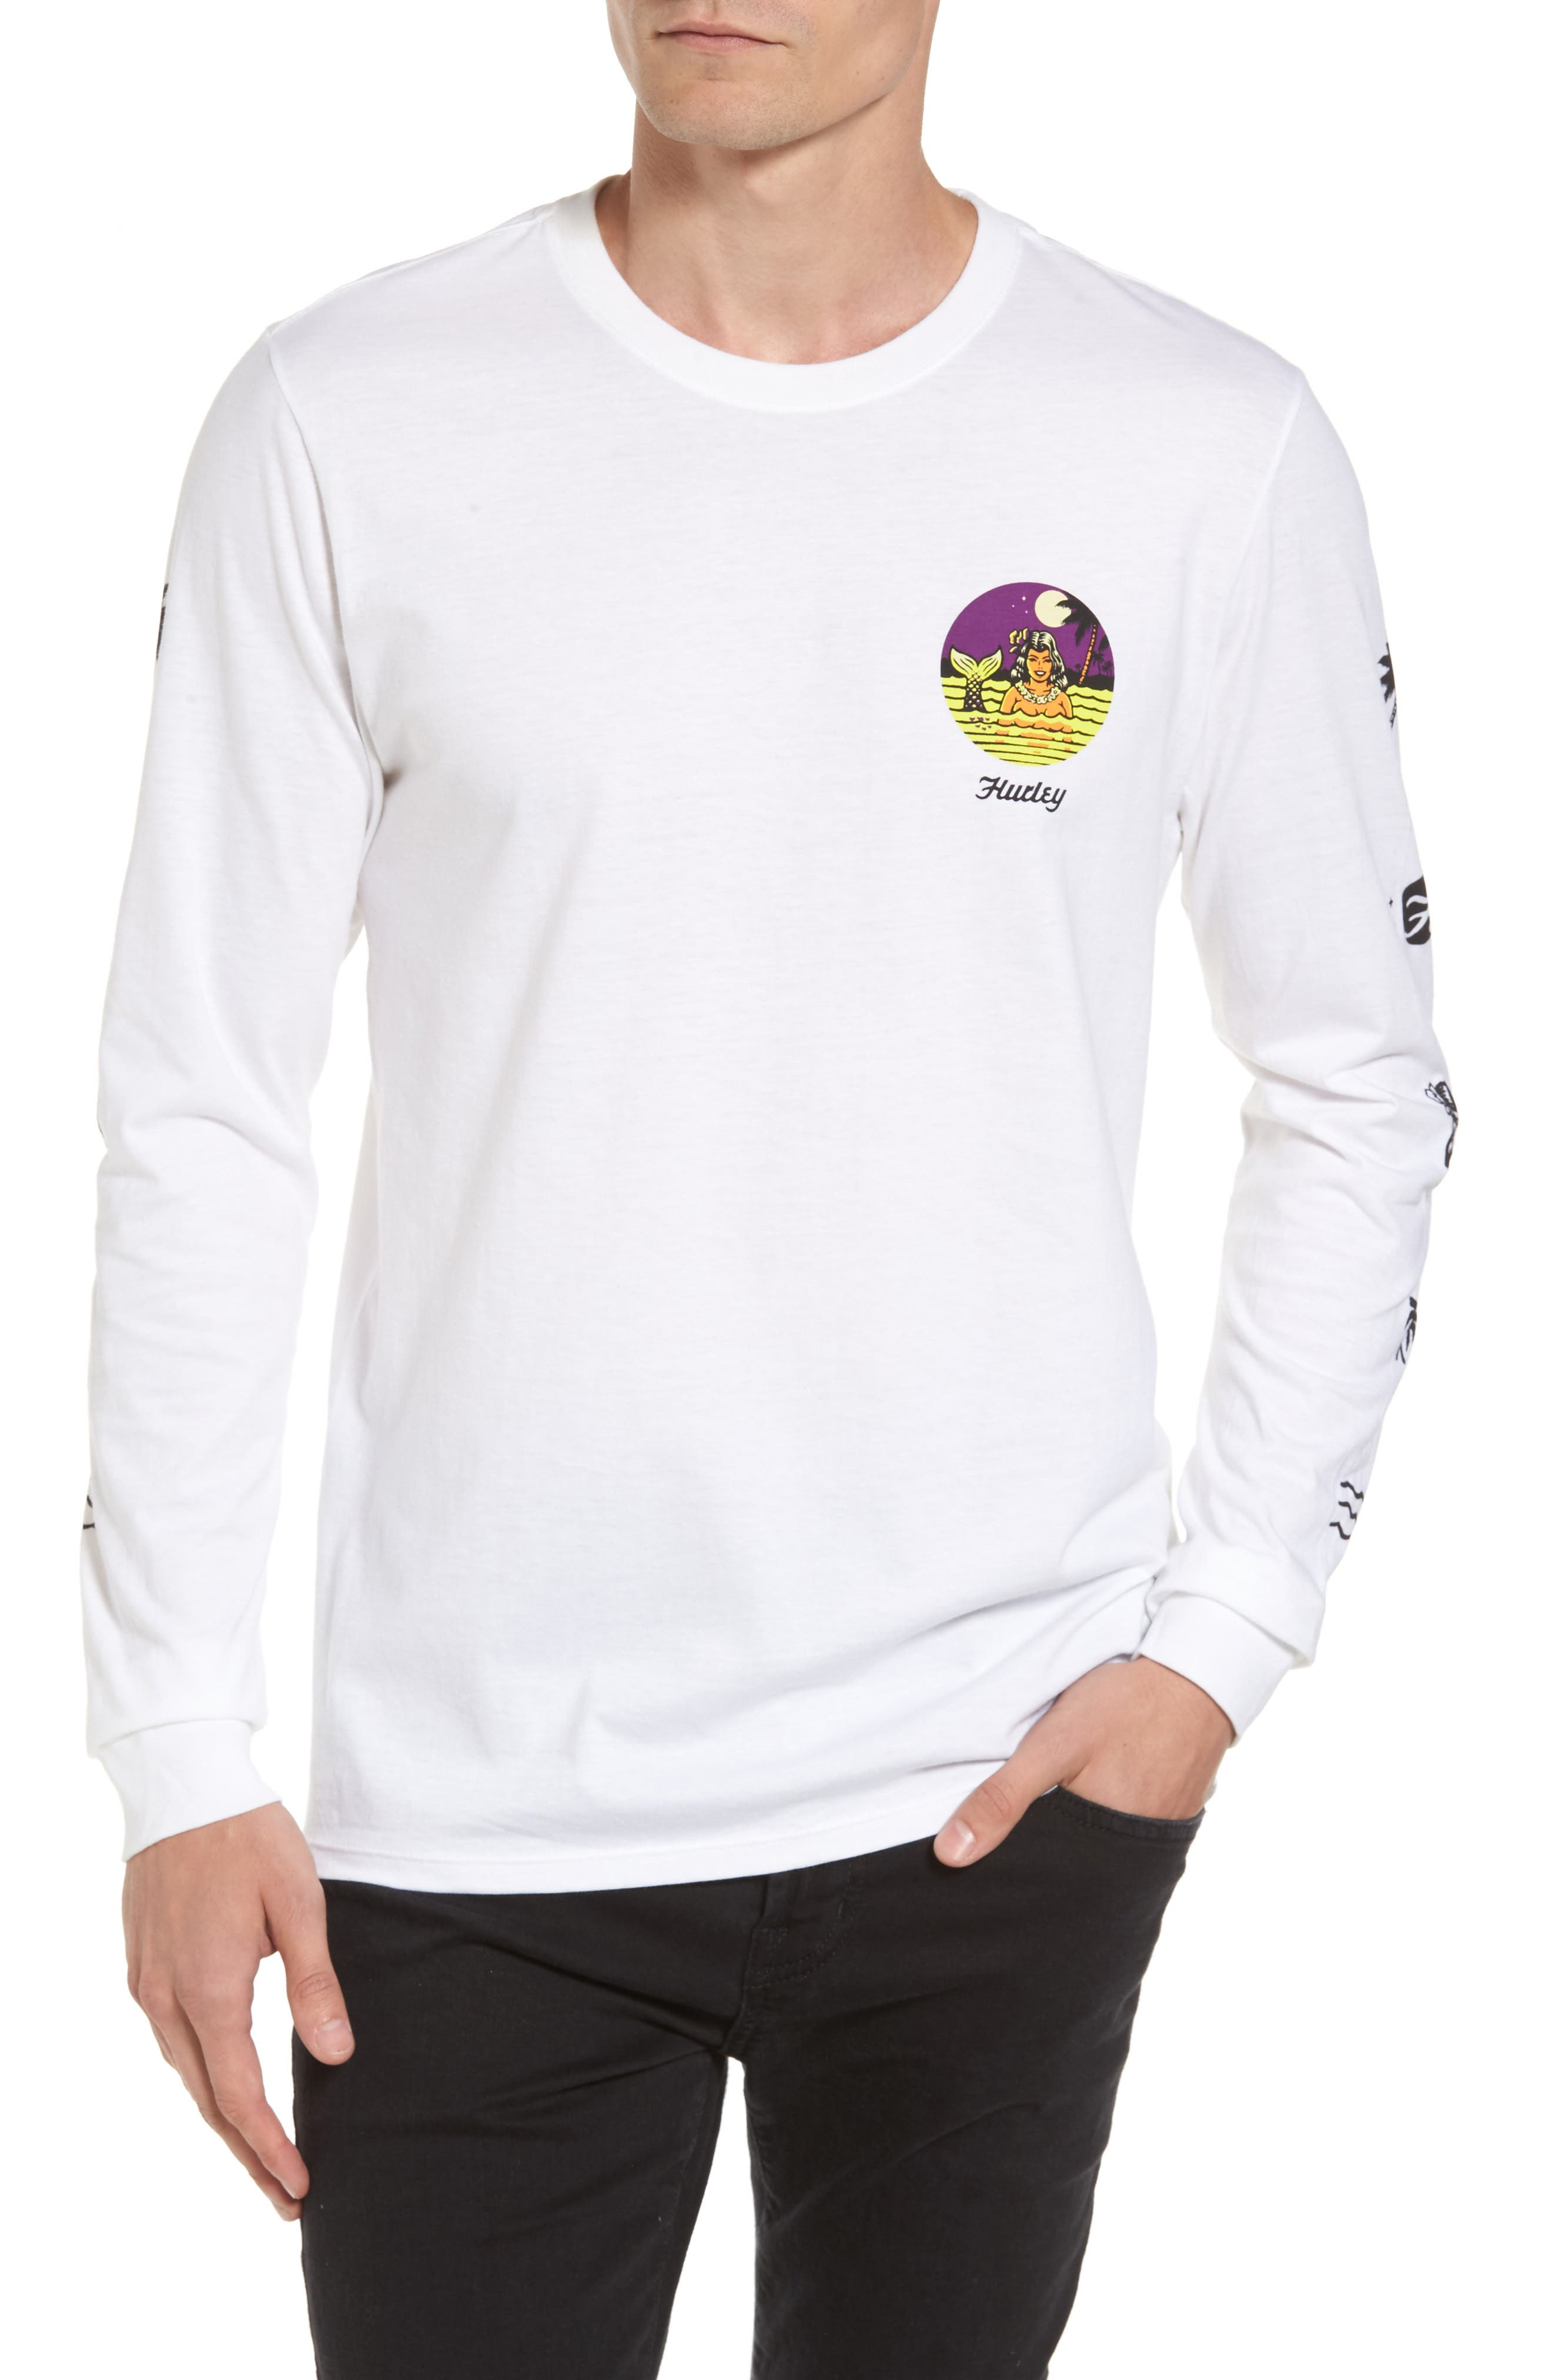 Main Image - Hurley Sirena T-Shirt